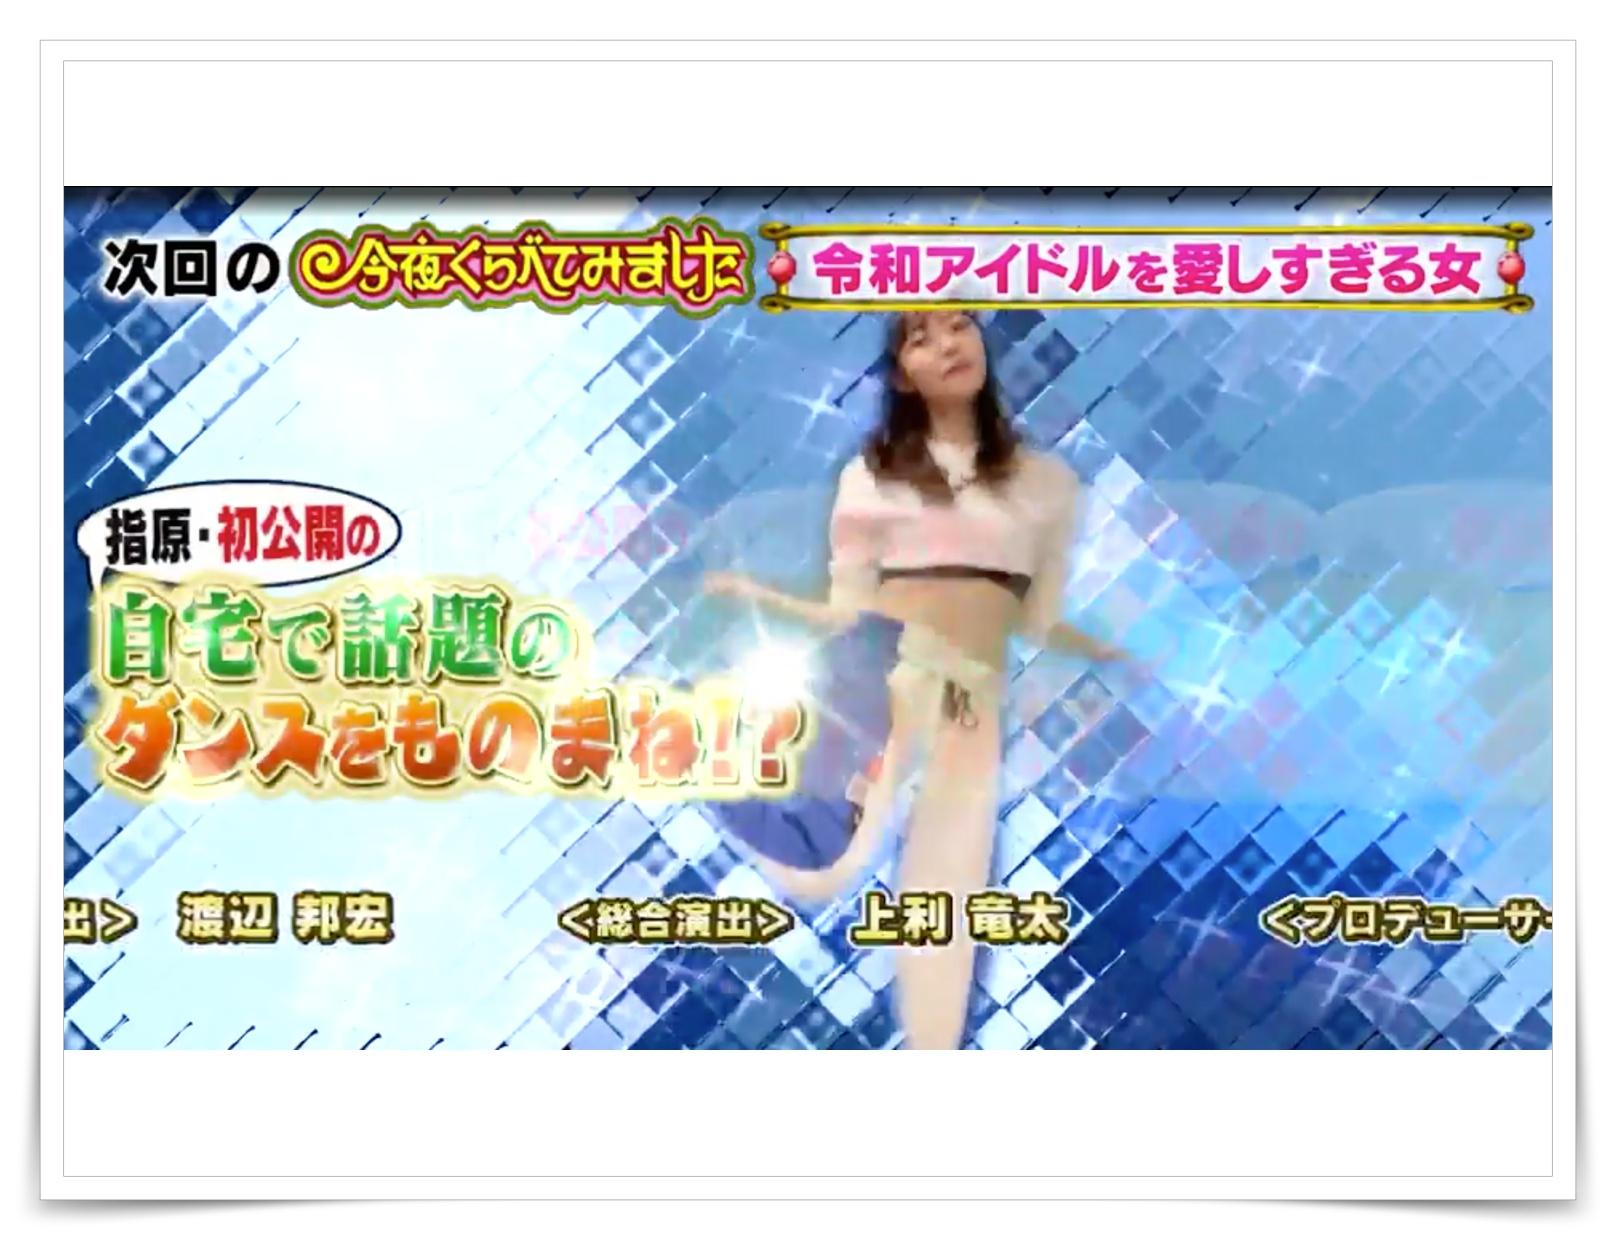 今夜くらべてみましたNiziuの指原莉乃の縄跳びダンス画像